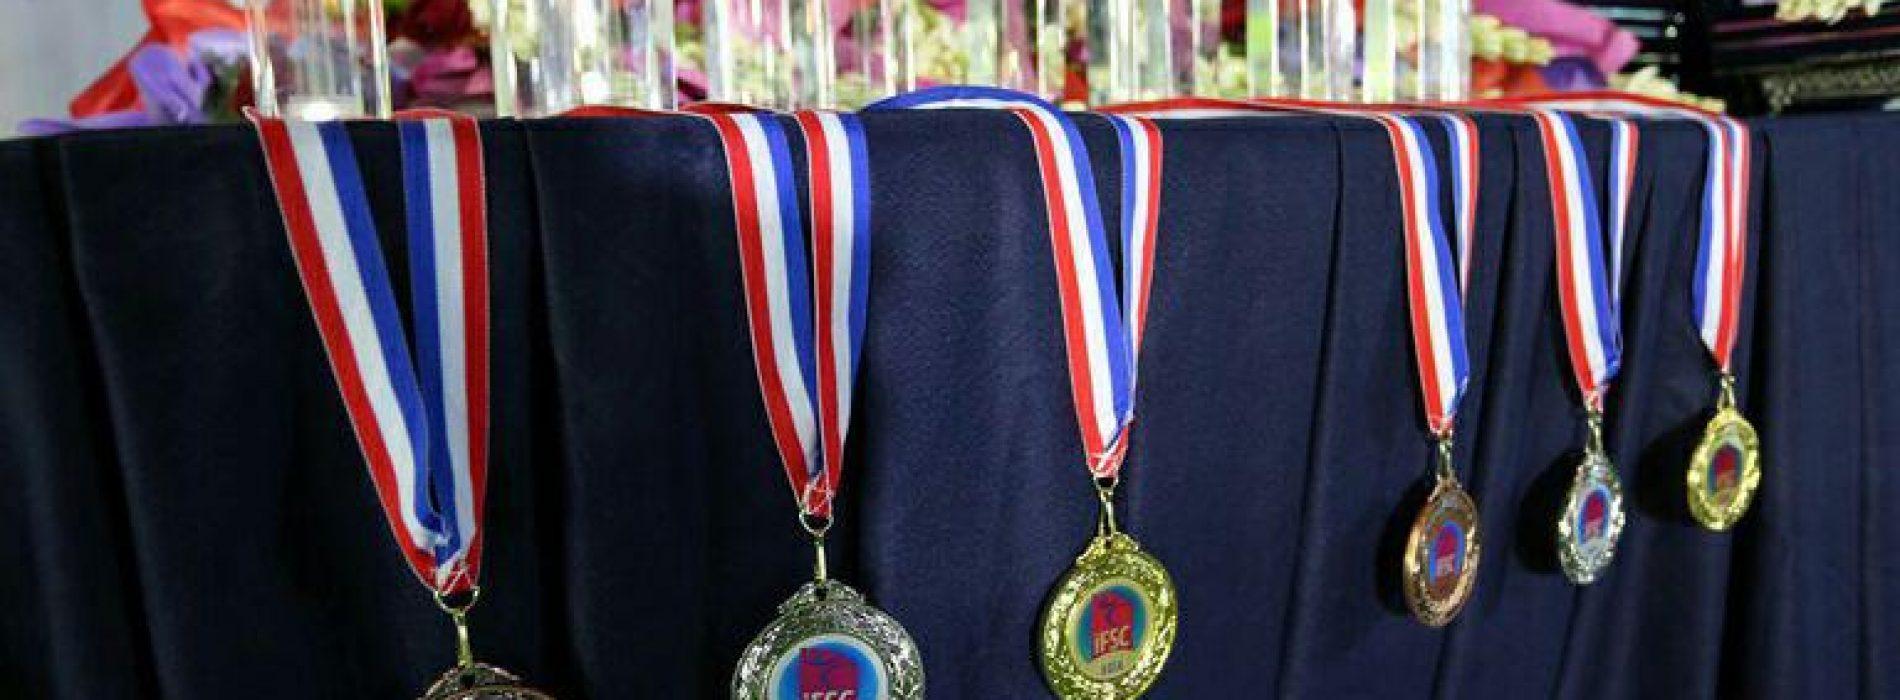 «ایران» با سه مدال «طلا»،«نقره» و «برنز» به مقام سوم آسیا دست یافت